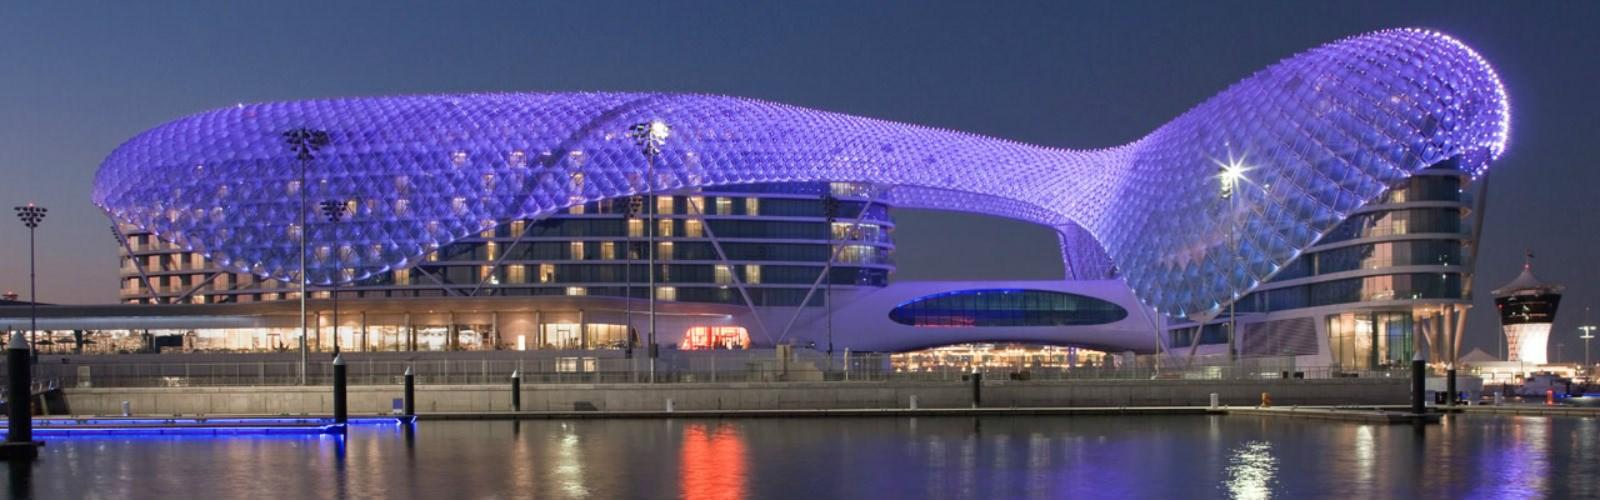 Abu Dhabi Holidays 2019 / 2020| Emirates Holidays